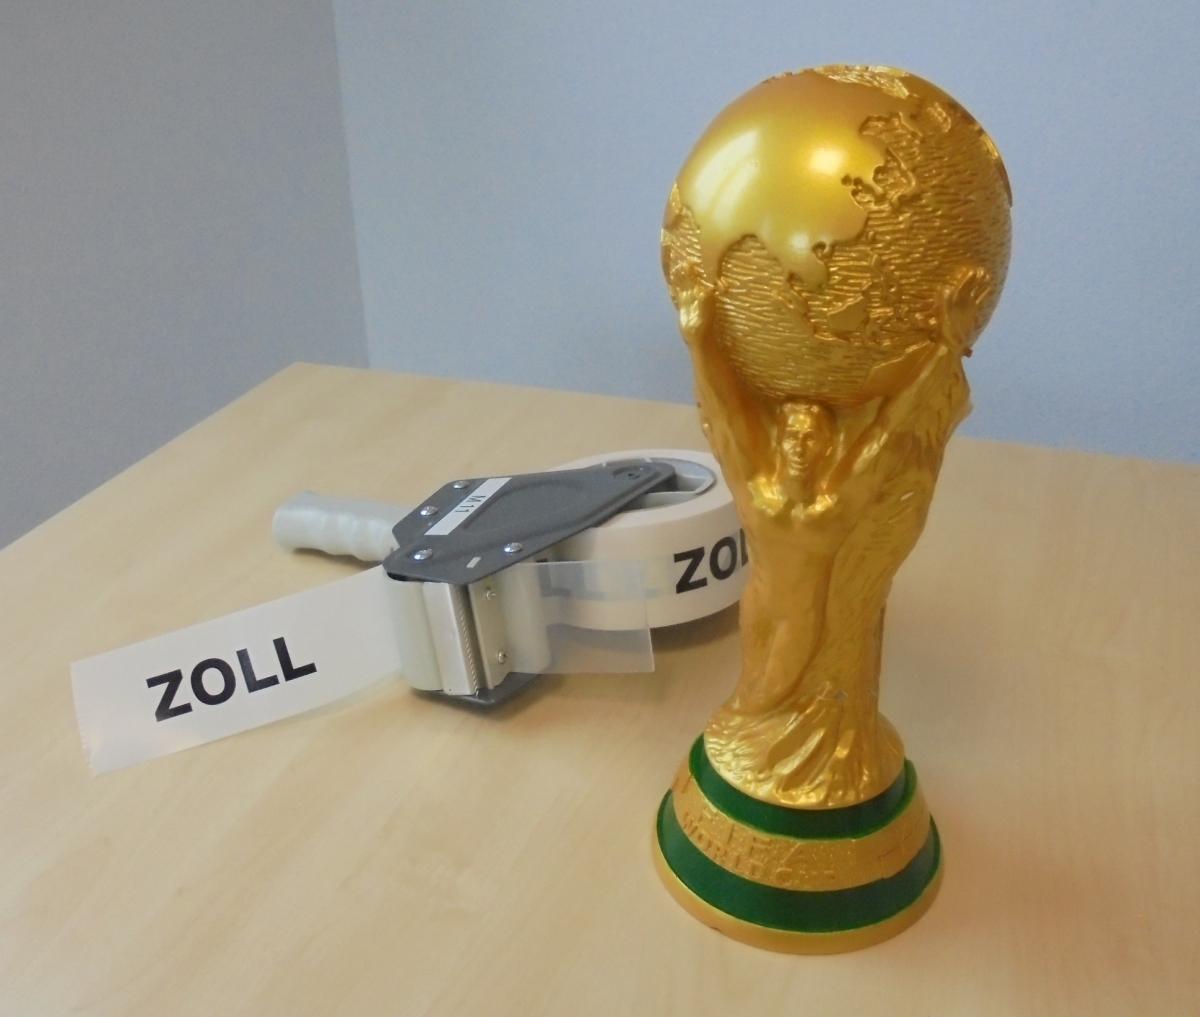 Kunststoffkopie des FIFA-WM-Pokals beim Zollamt Heilbronn Quelle: ZOLL